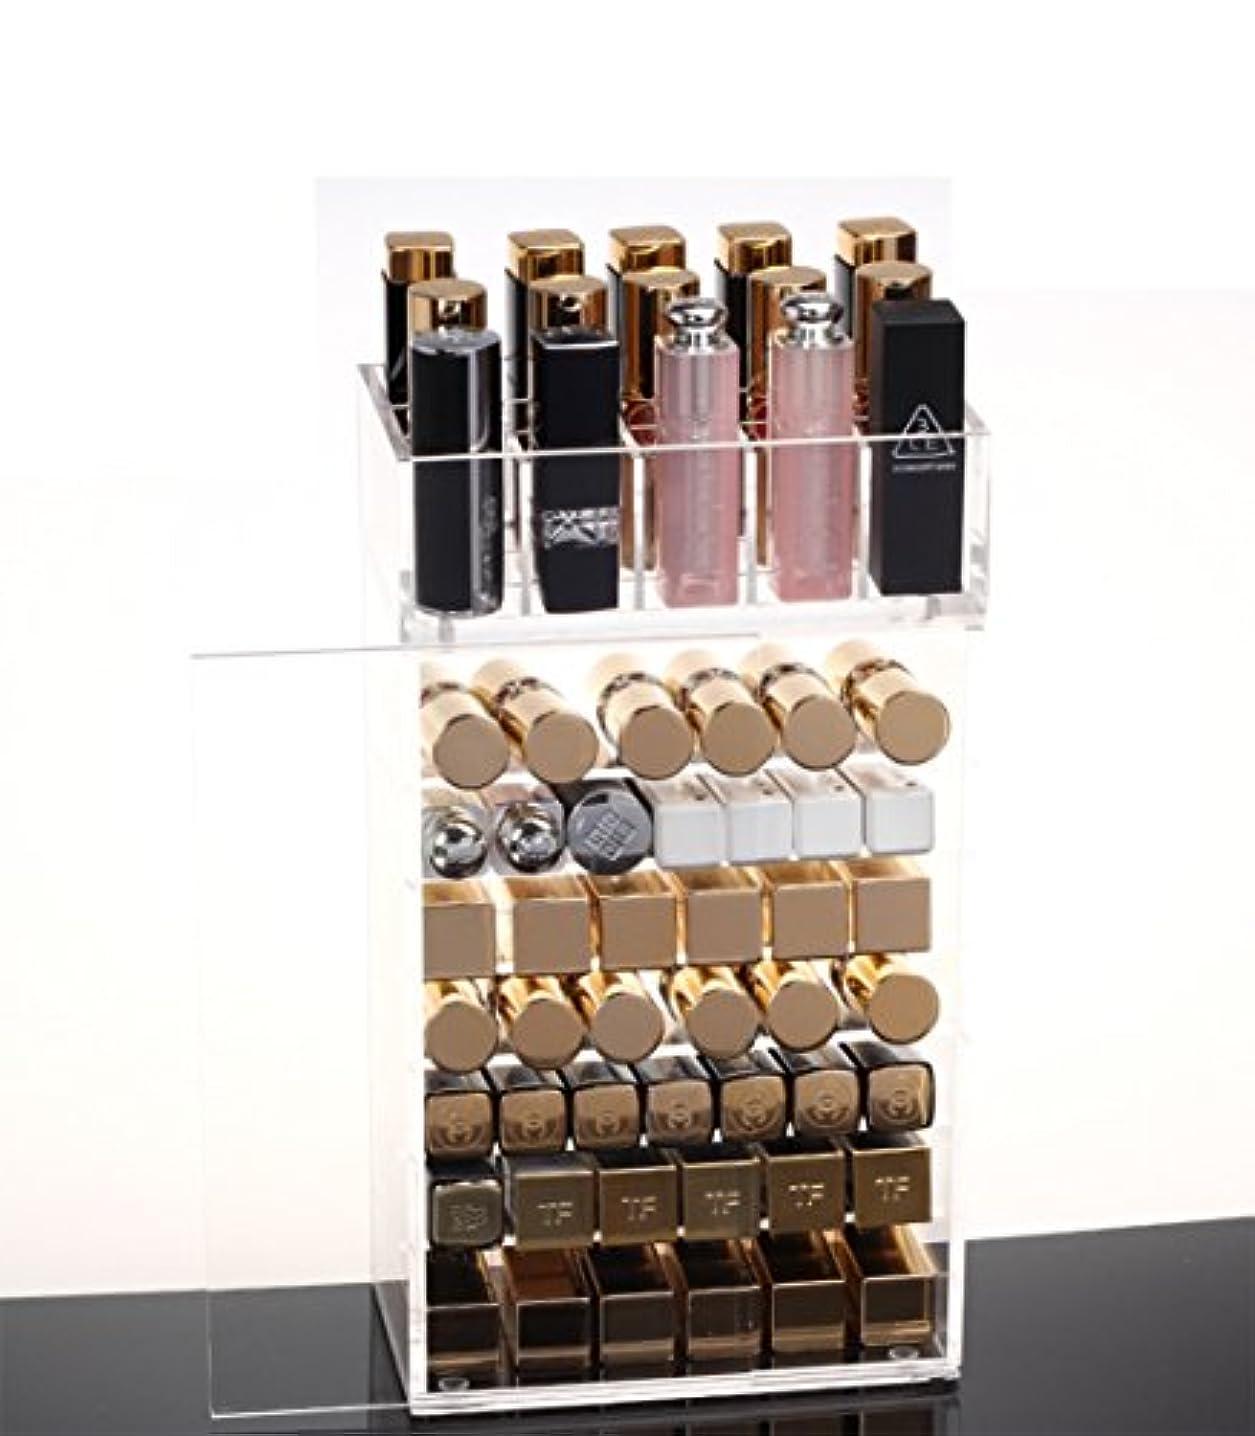 心から救出エレクトロニックSZTulip 化粧品収納ボックス メイクケース メイクボックス 口紅収納 ネイルカラー小物入れ レディース  透明アクリル 防塵ドア付き コスメボックス